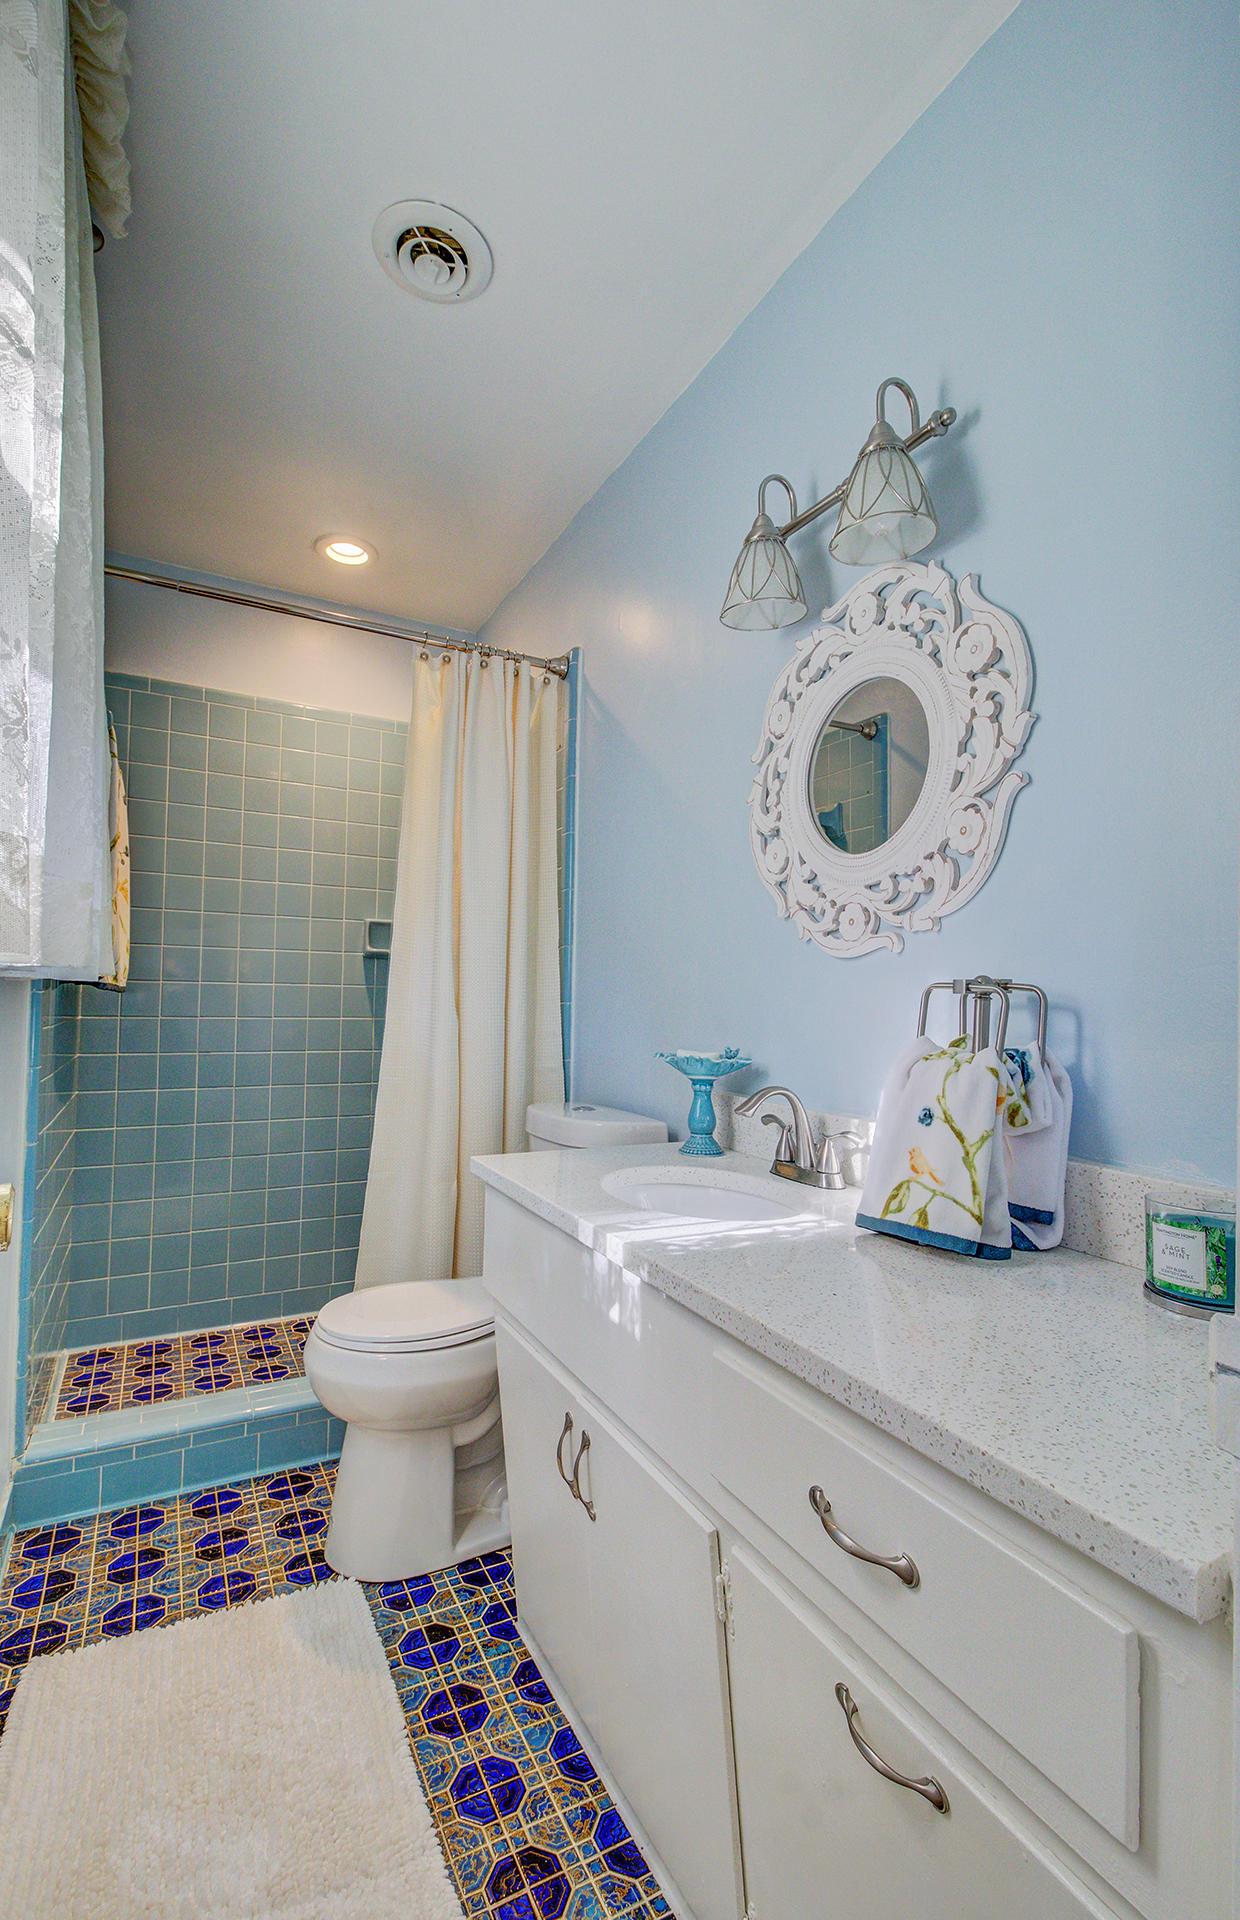 Pine Forest Inn Homes For Sale - 543 Simmons, Summerville, SC - 66